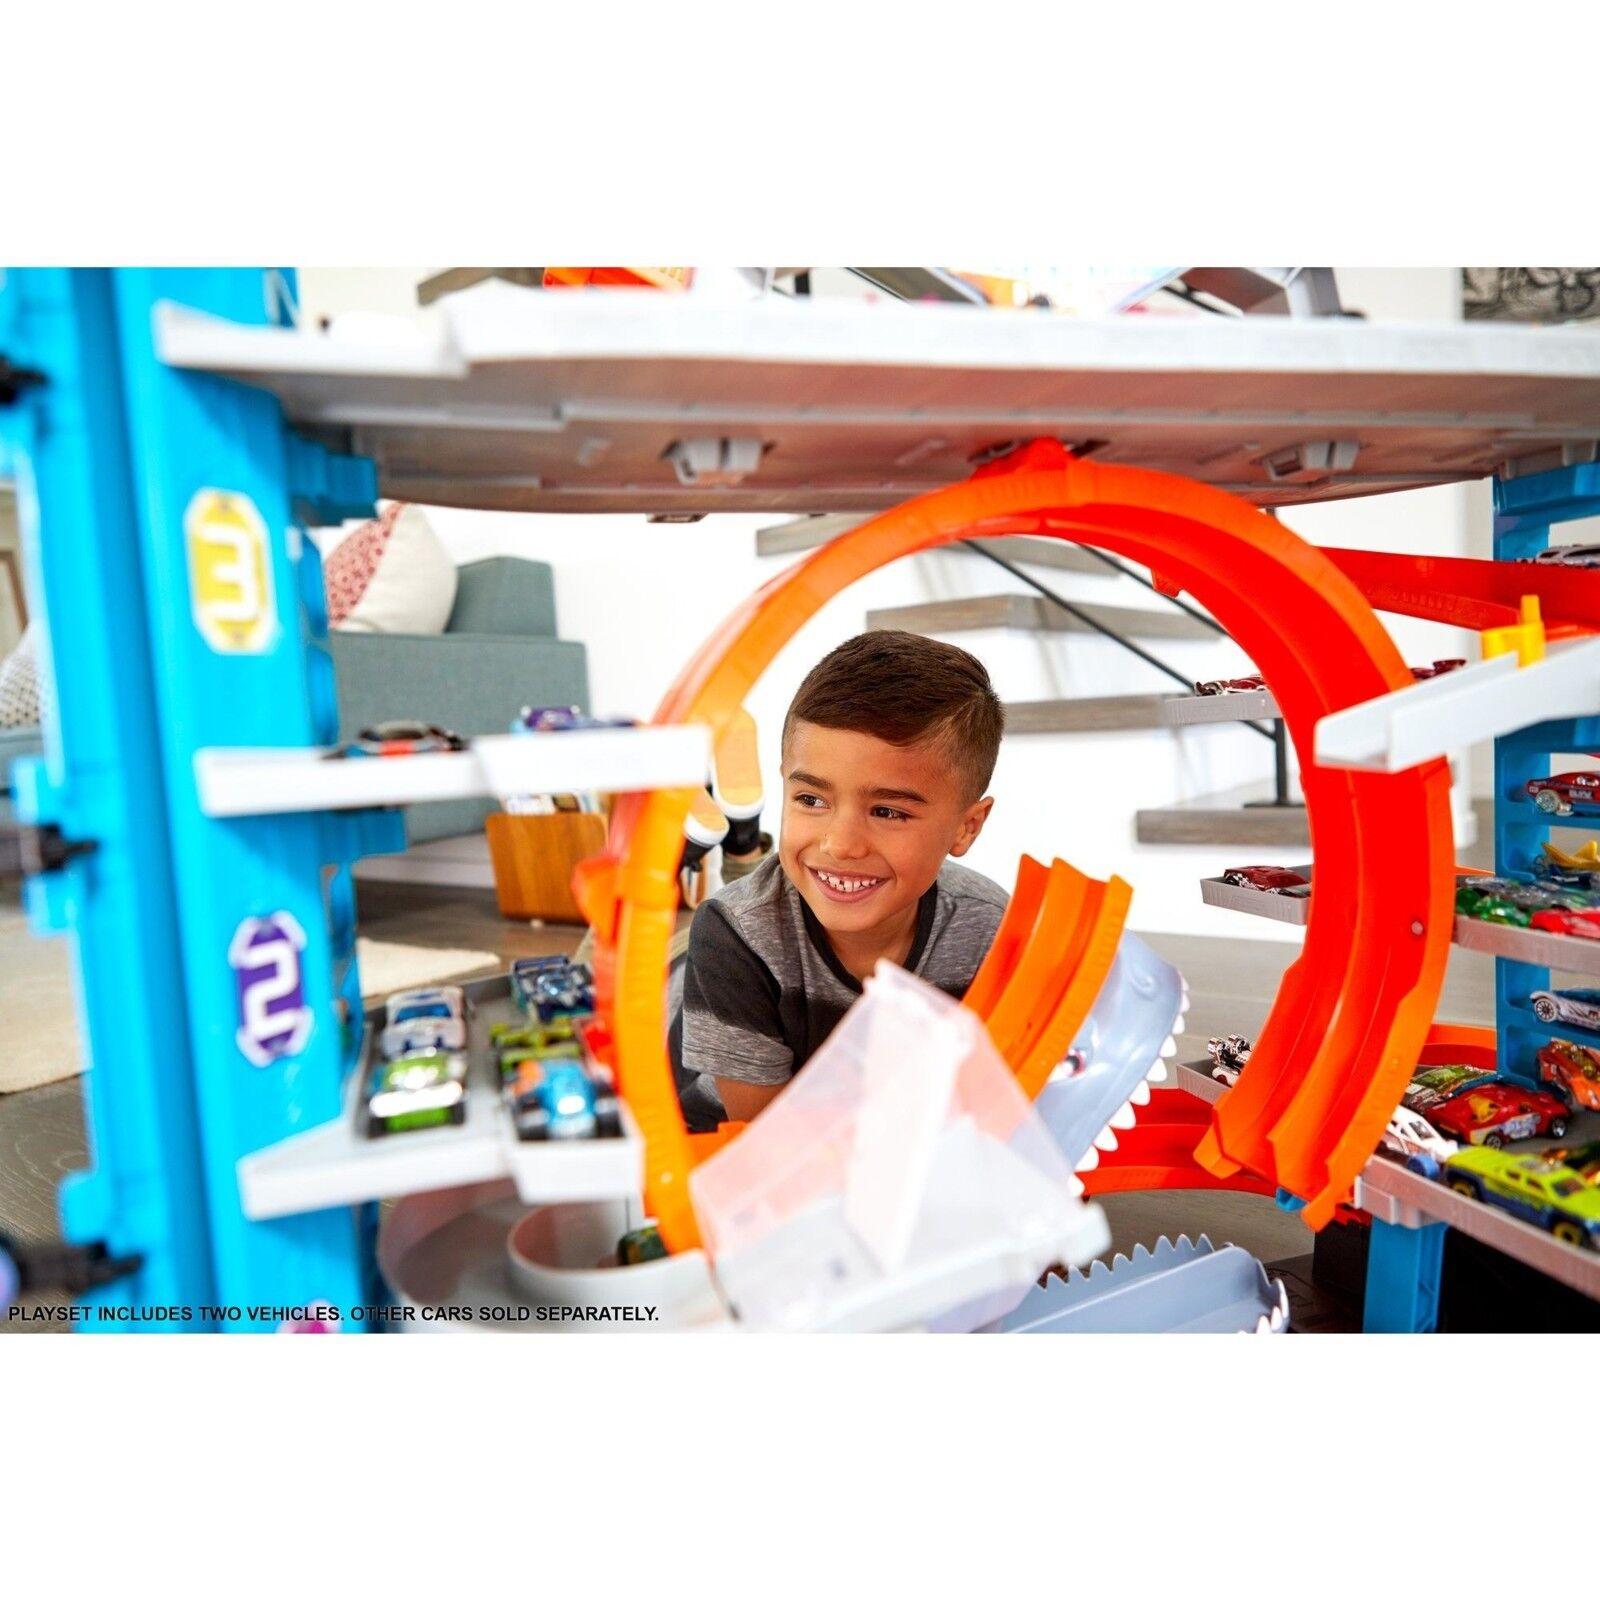 Hot Wheels garaje Ultimate Torre tiburón Bucle hipódromo Set con dos vehículos NUEVO